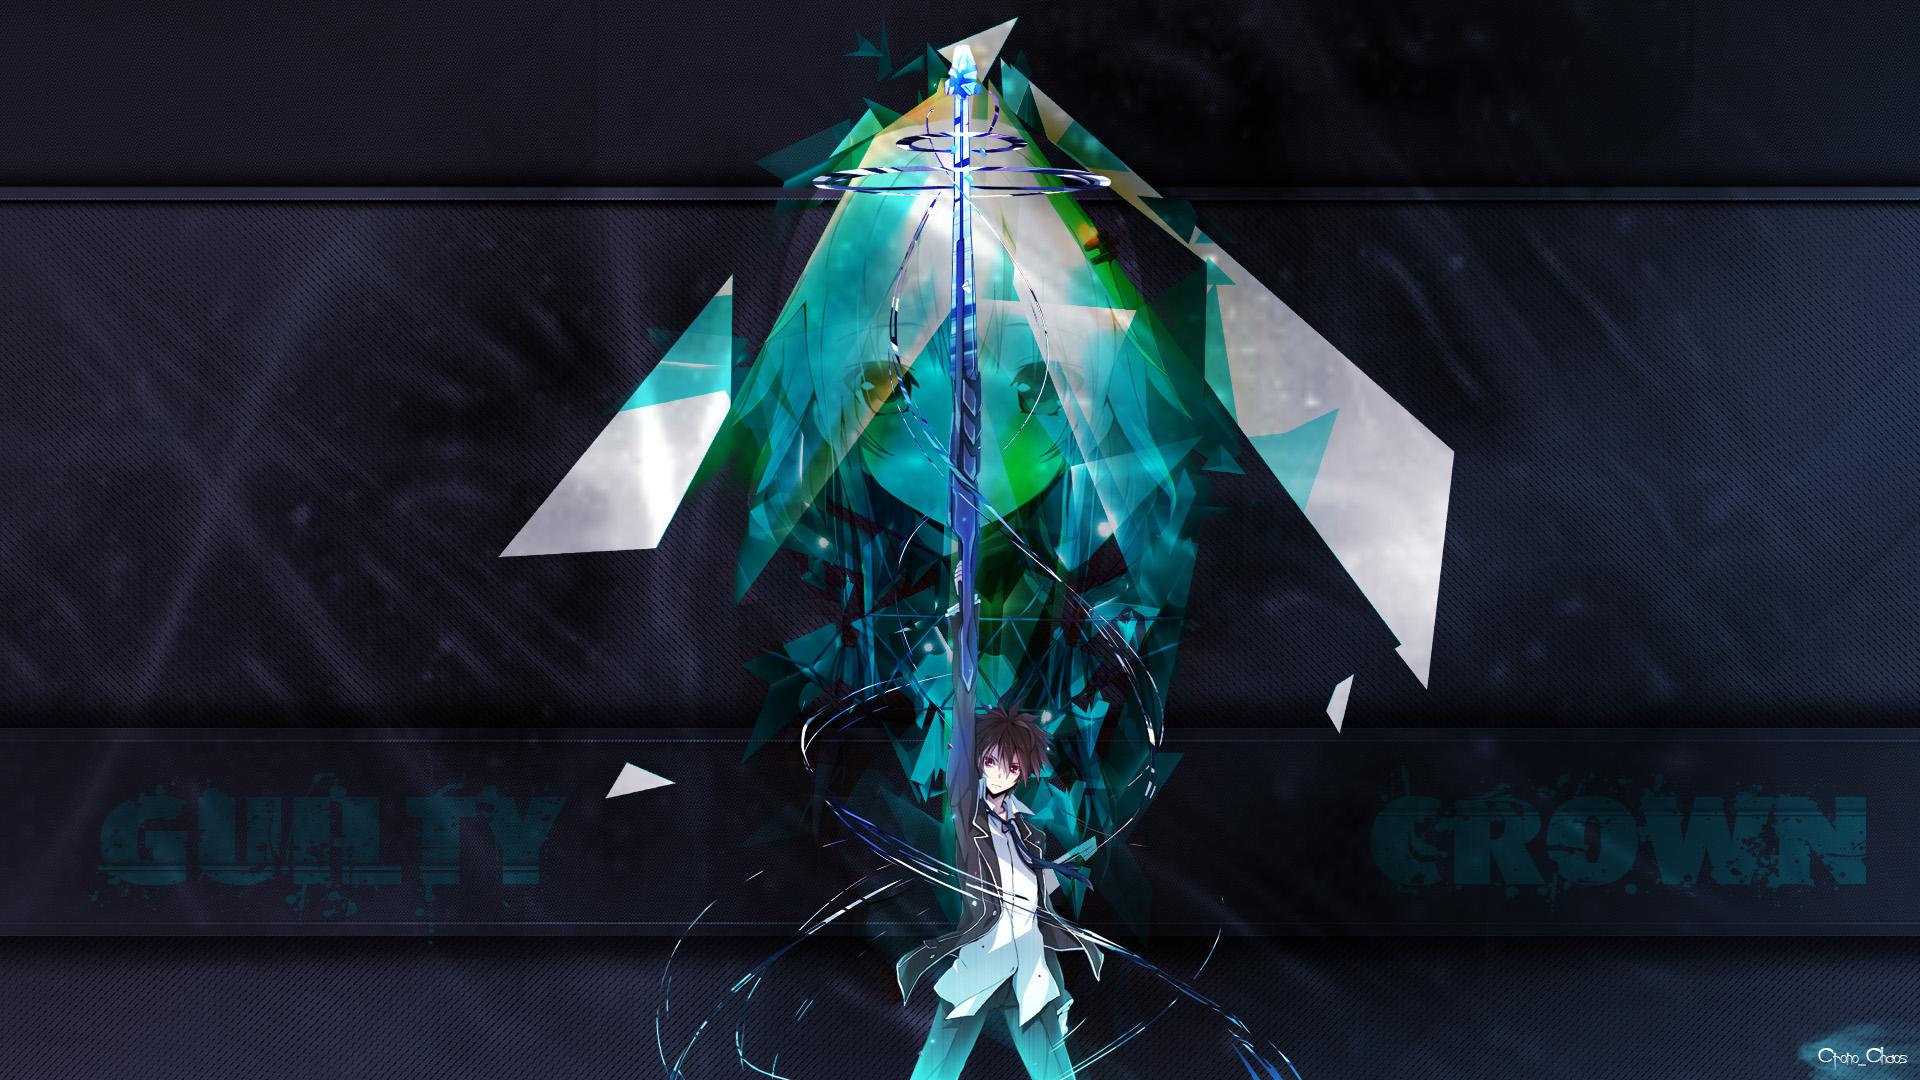 Top Wallpaper Logo Guilty Crown - b1291ad4a8df1599c9a50110fb74ec16  2018_425330.jpg